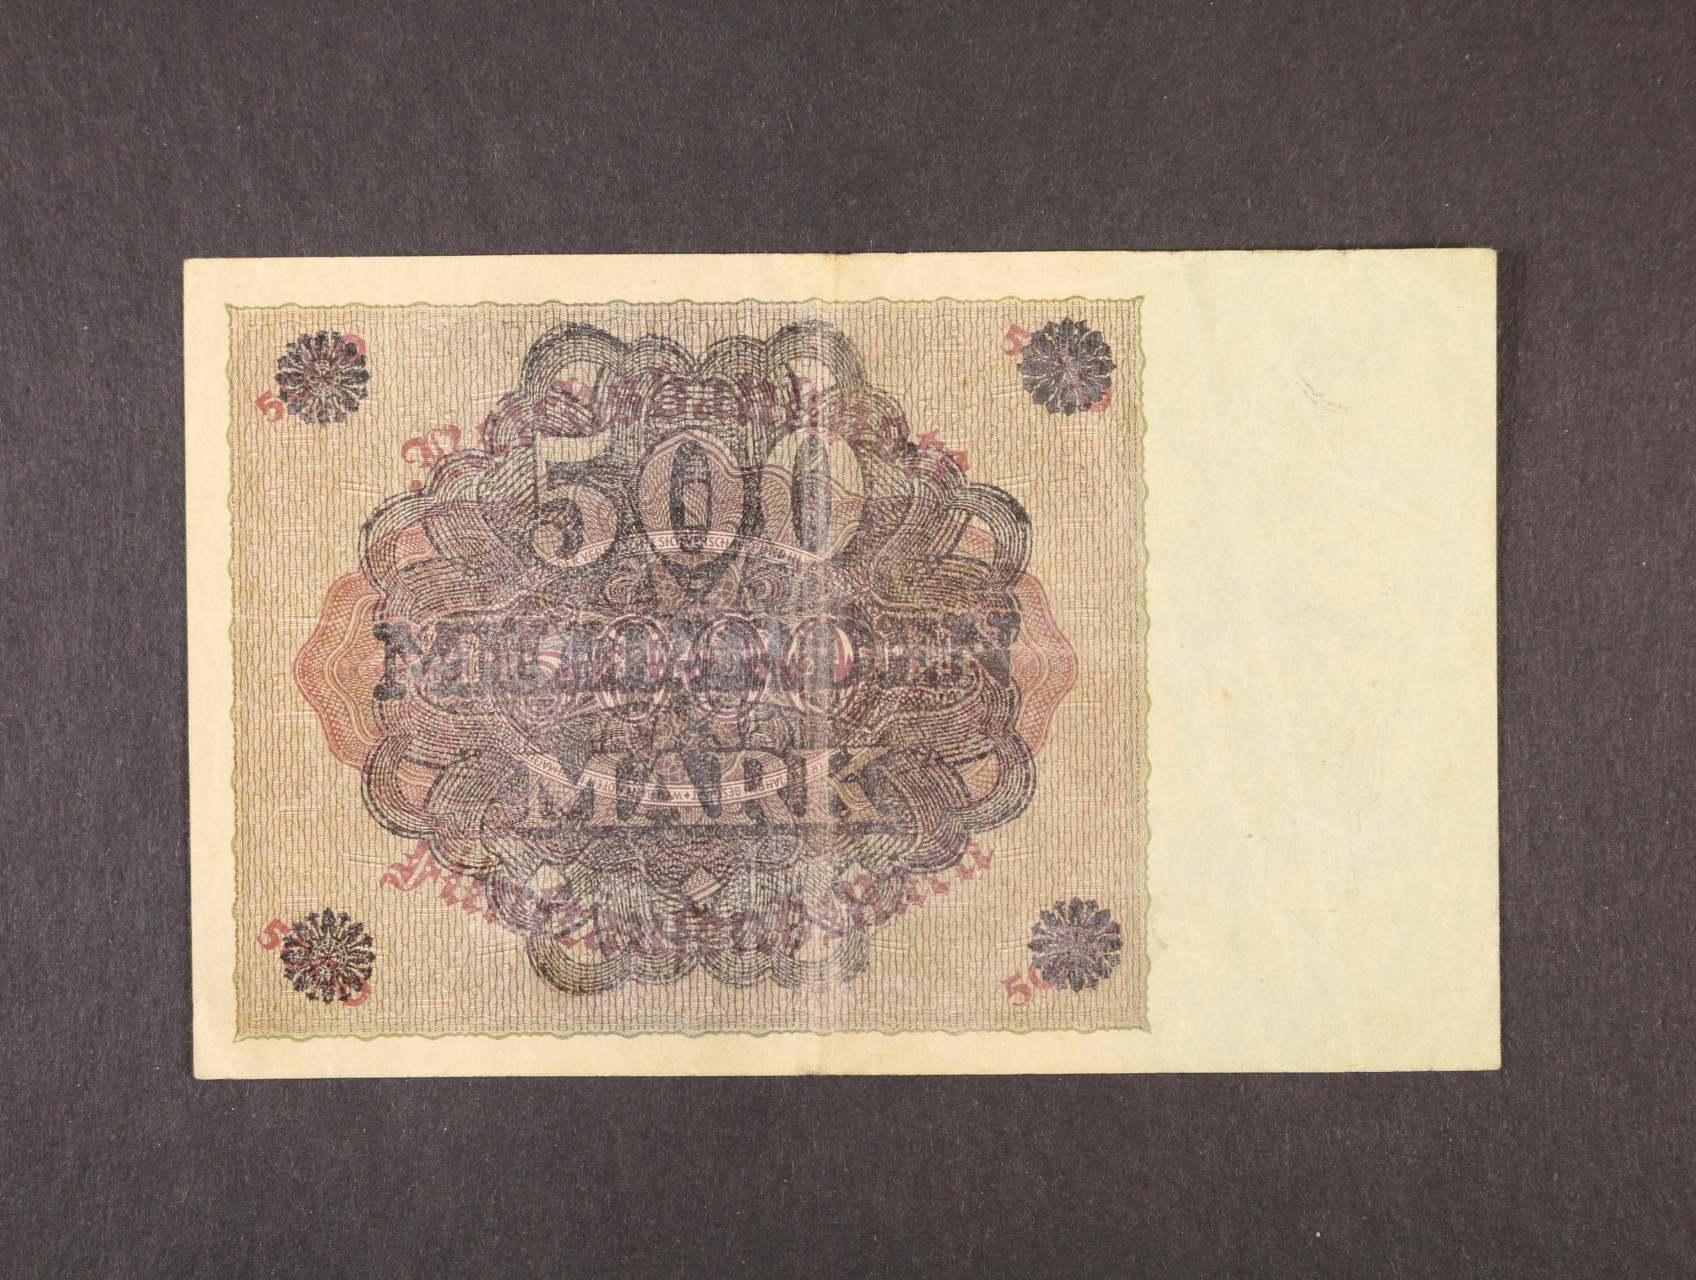 chybotisk, 500 Mrd. Mark 15.3.1923 chybotisk s přetiskem pouze na rubové straně, Ro. 121F